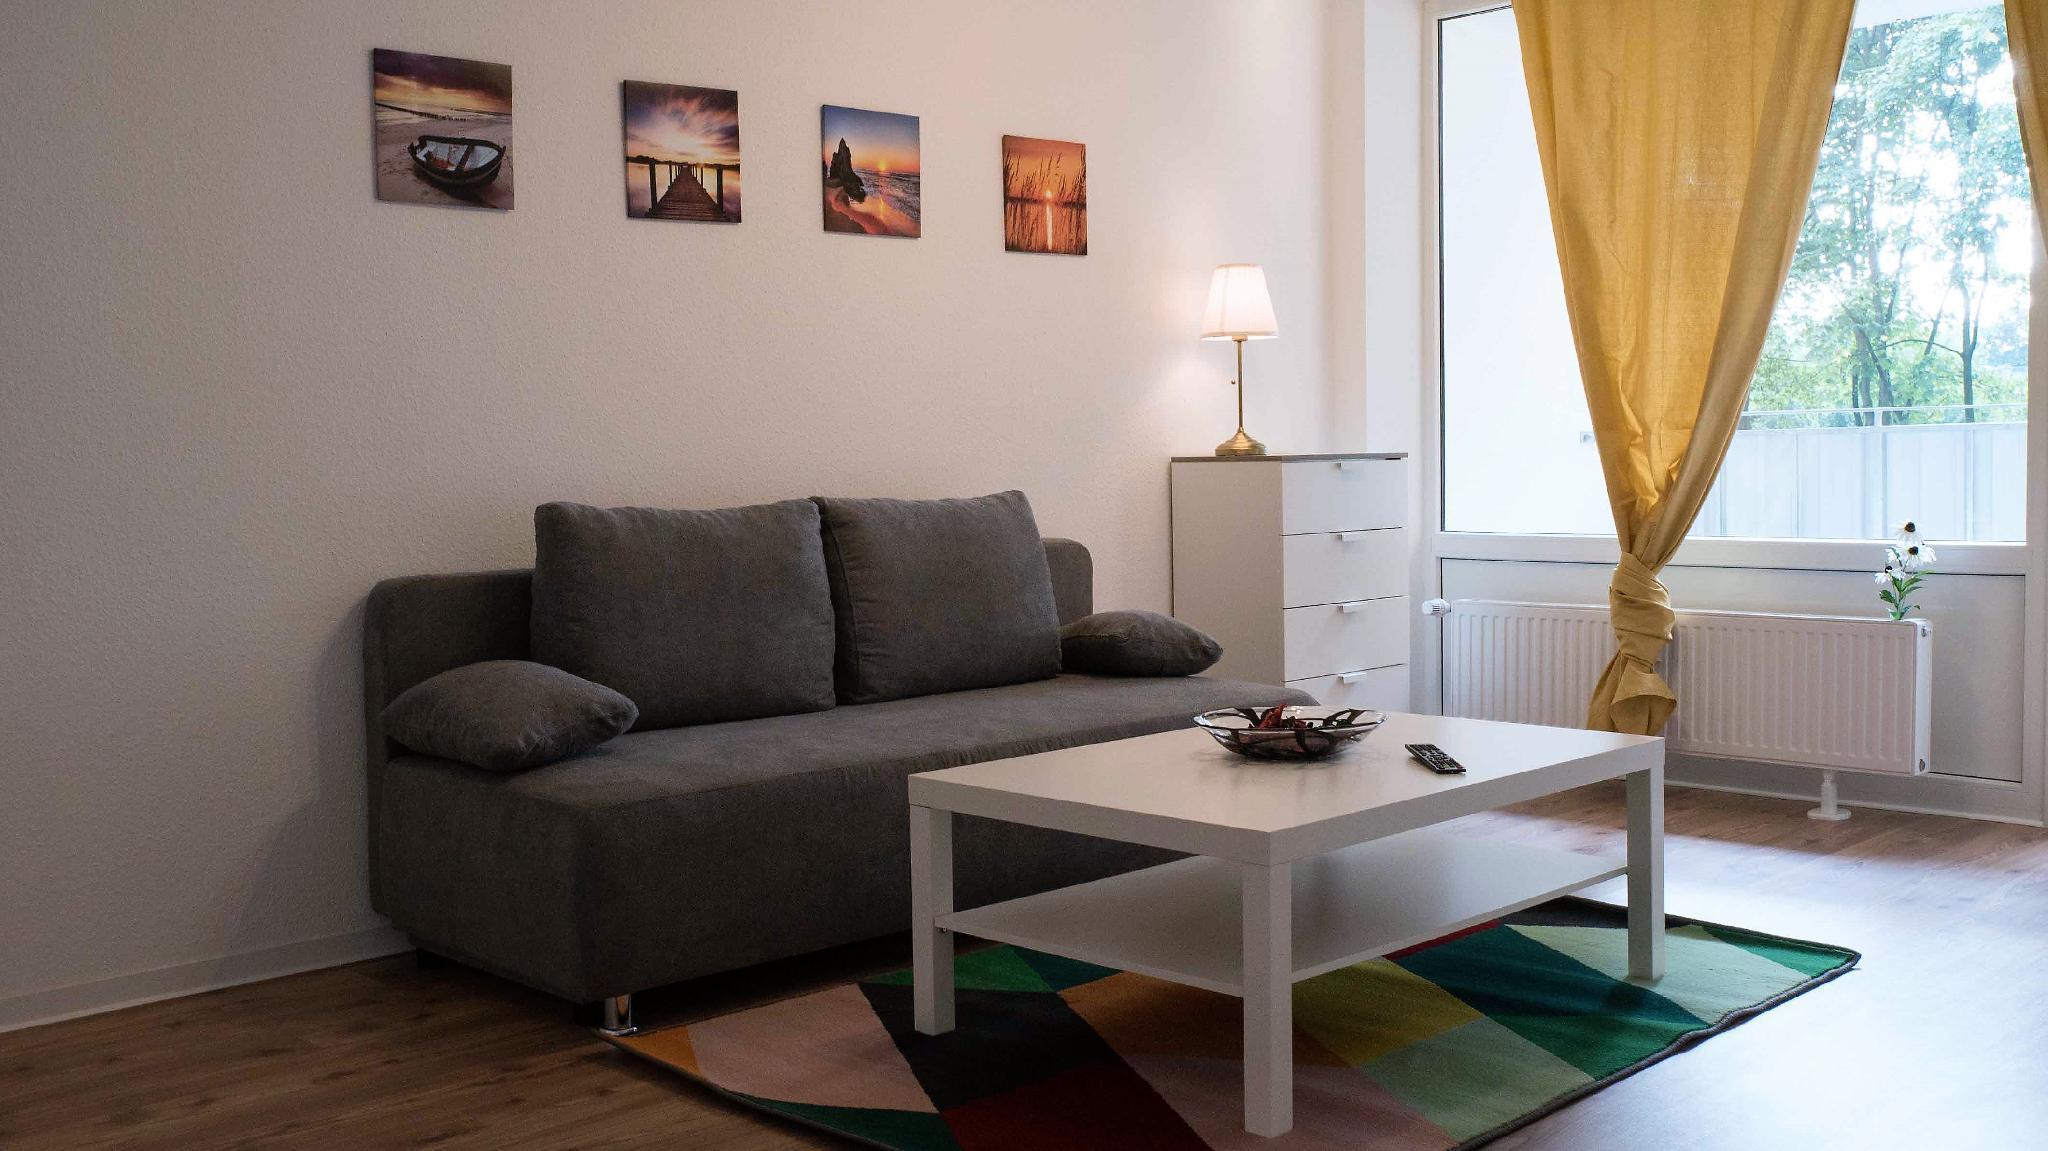 Apartment Duesseldorf 18